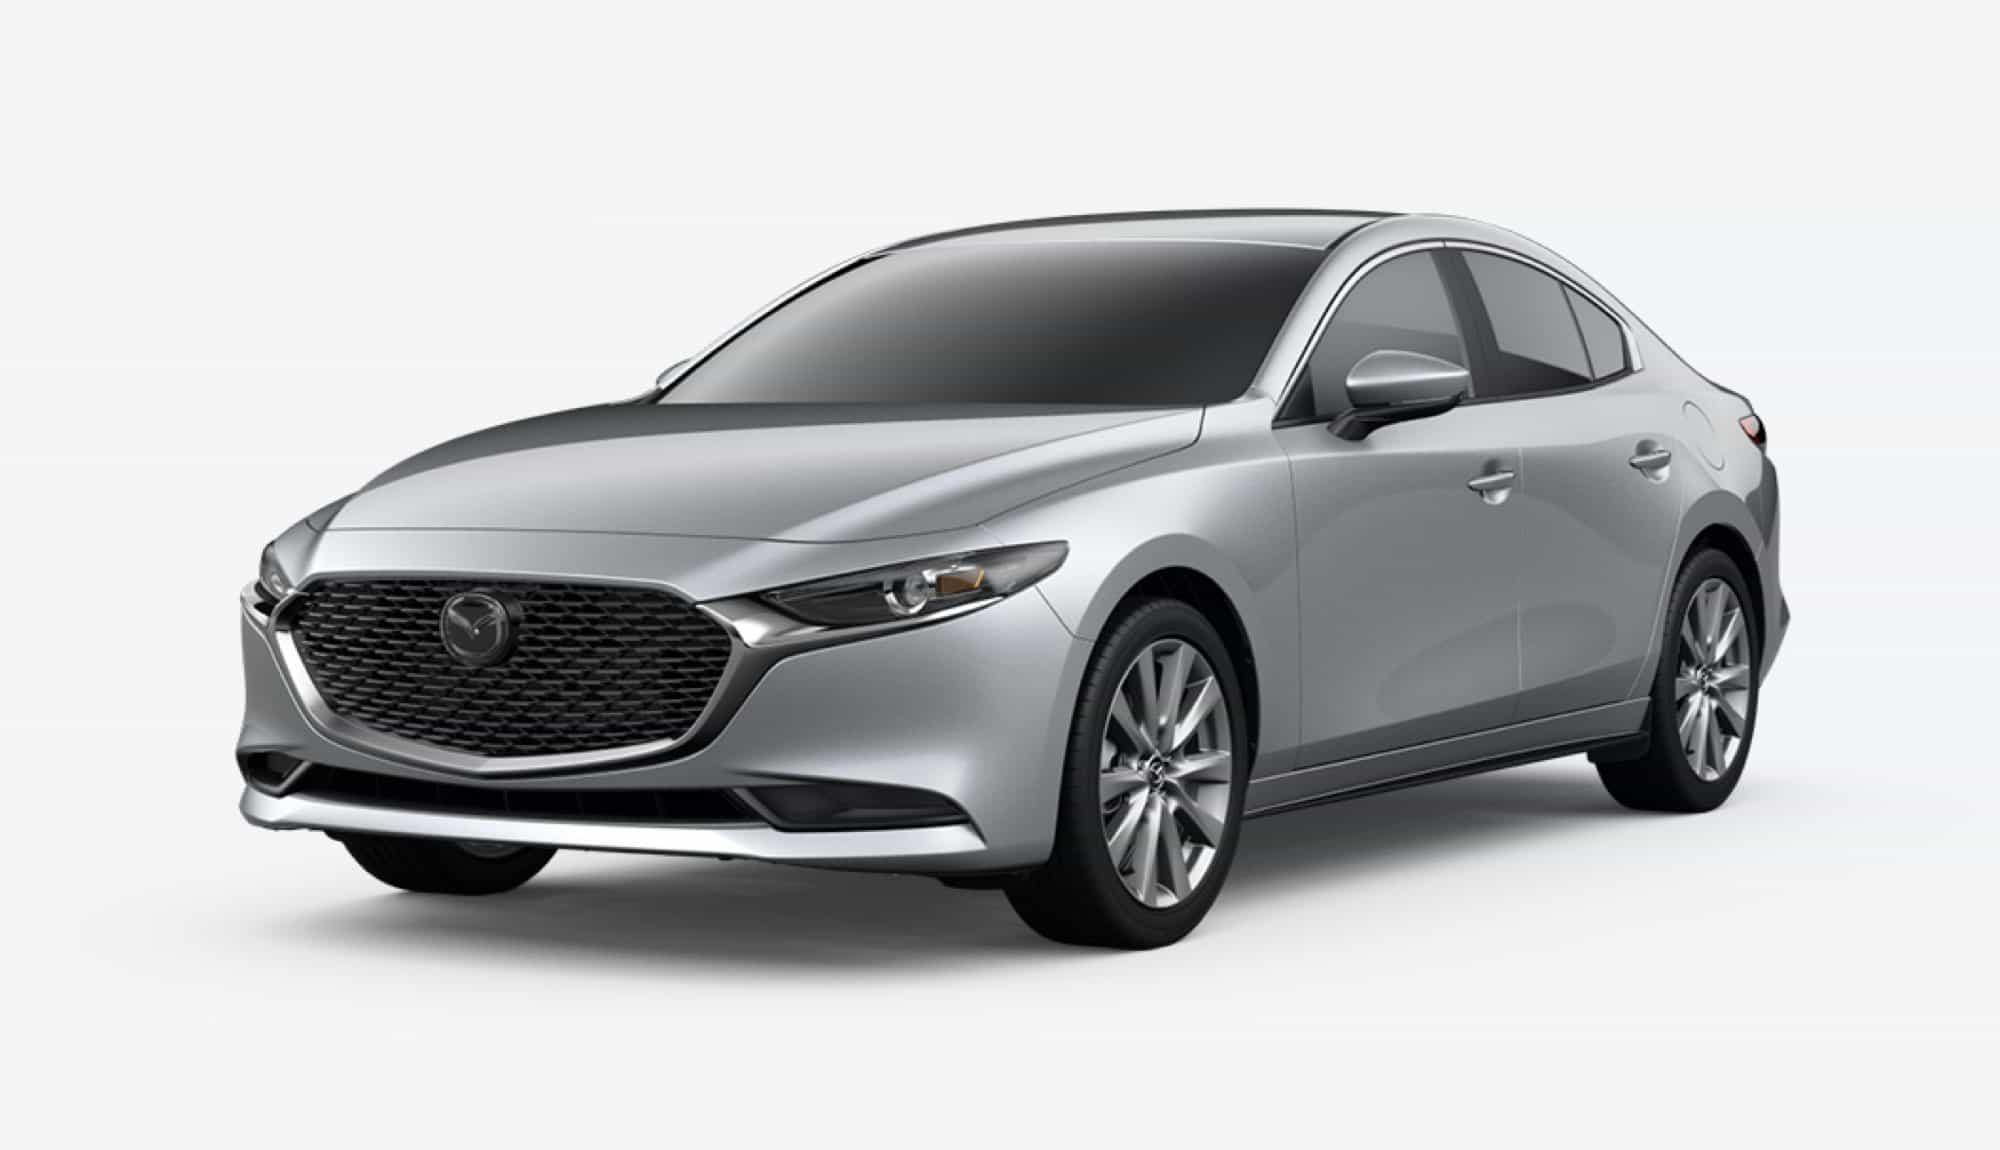 2020 Mazda3 Sedan, Sonic Silver Metallic